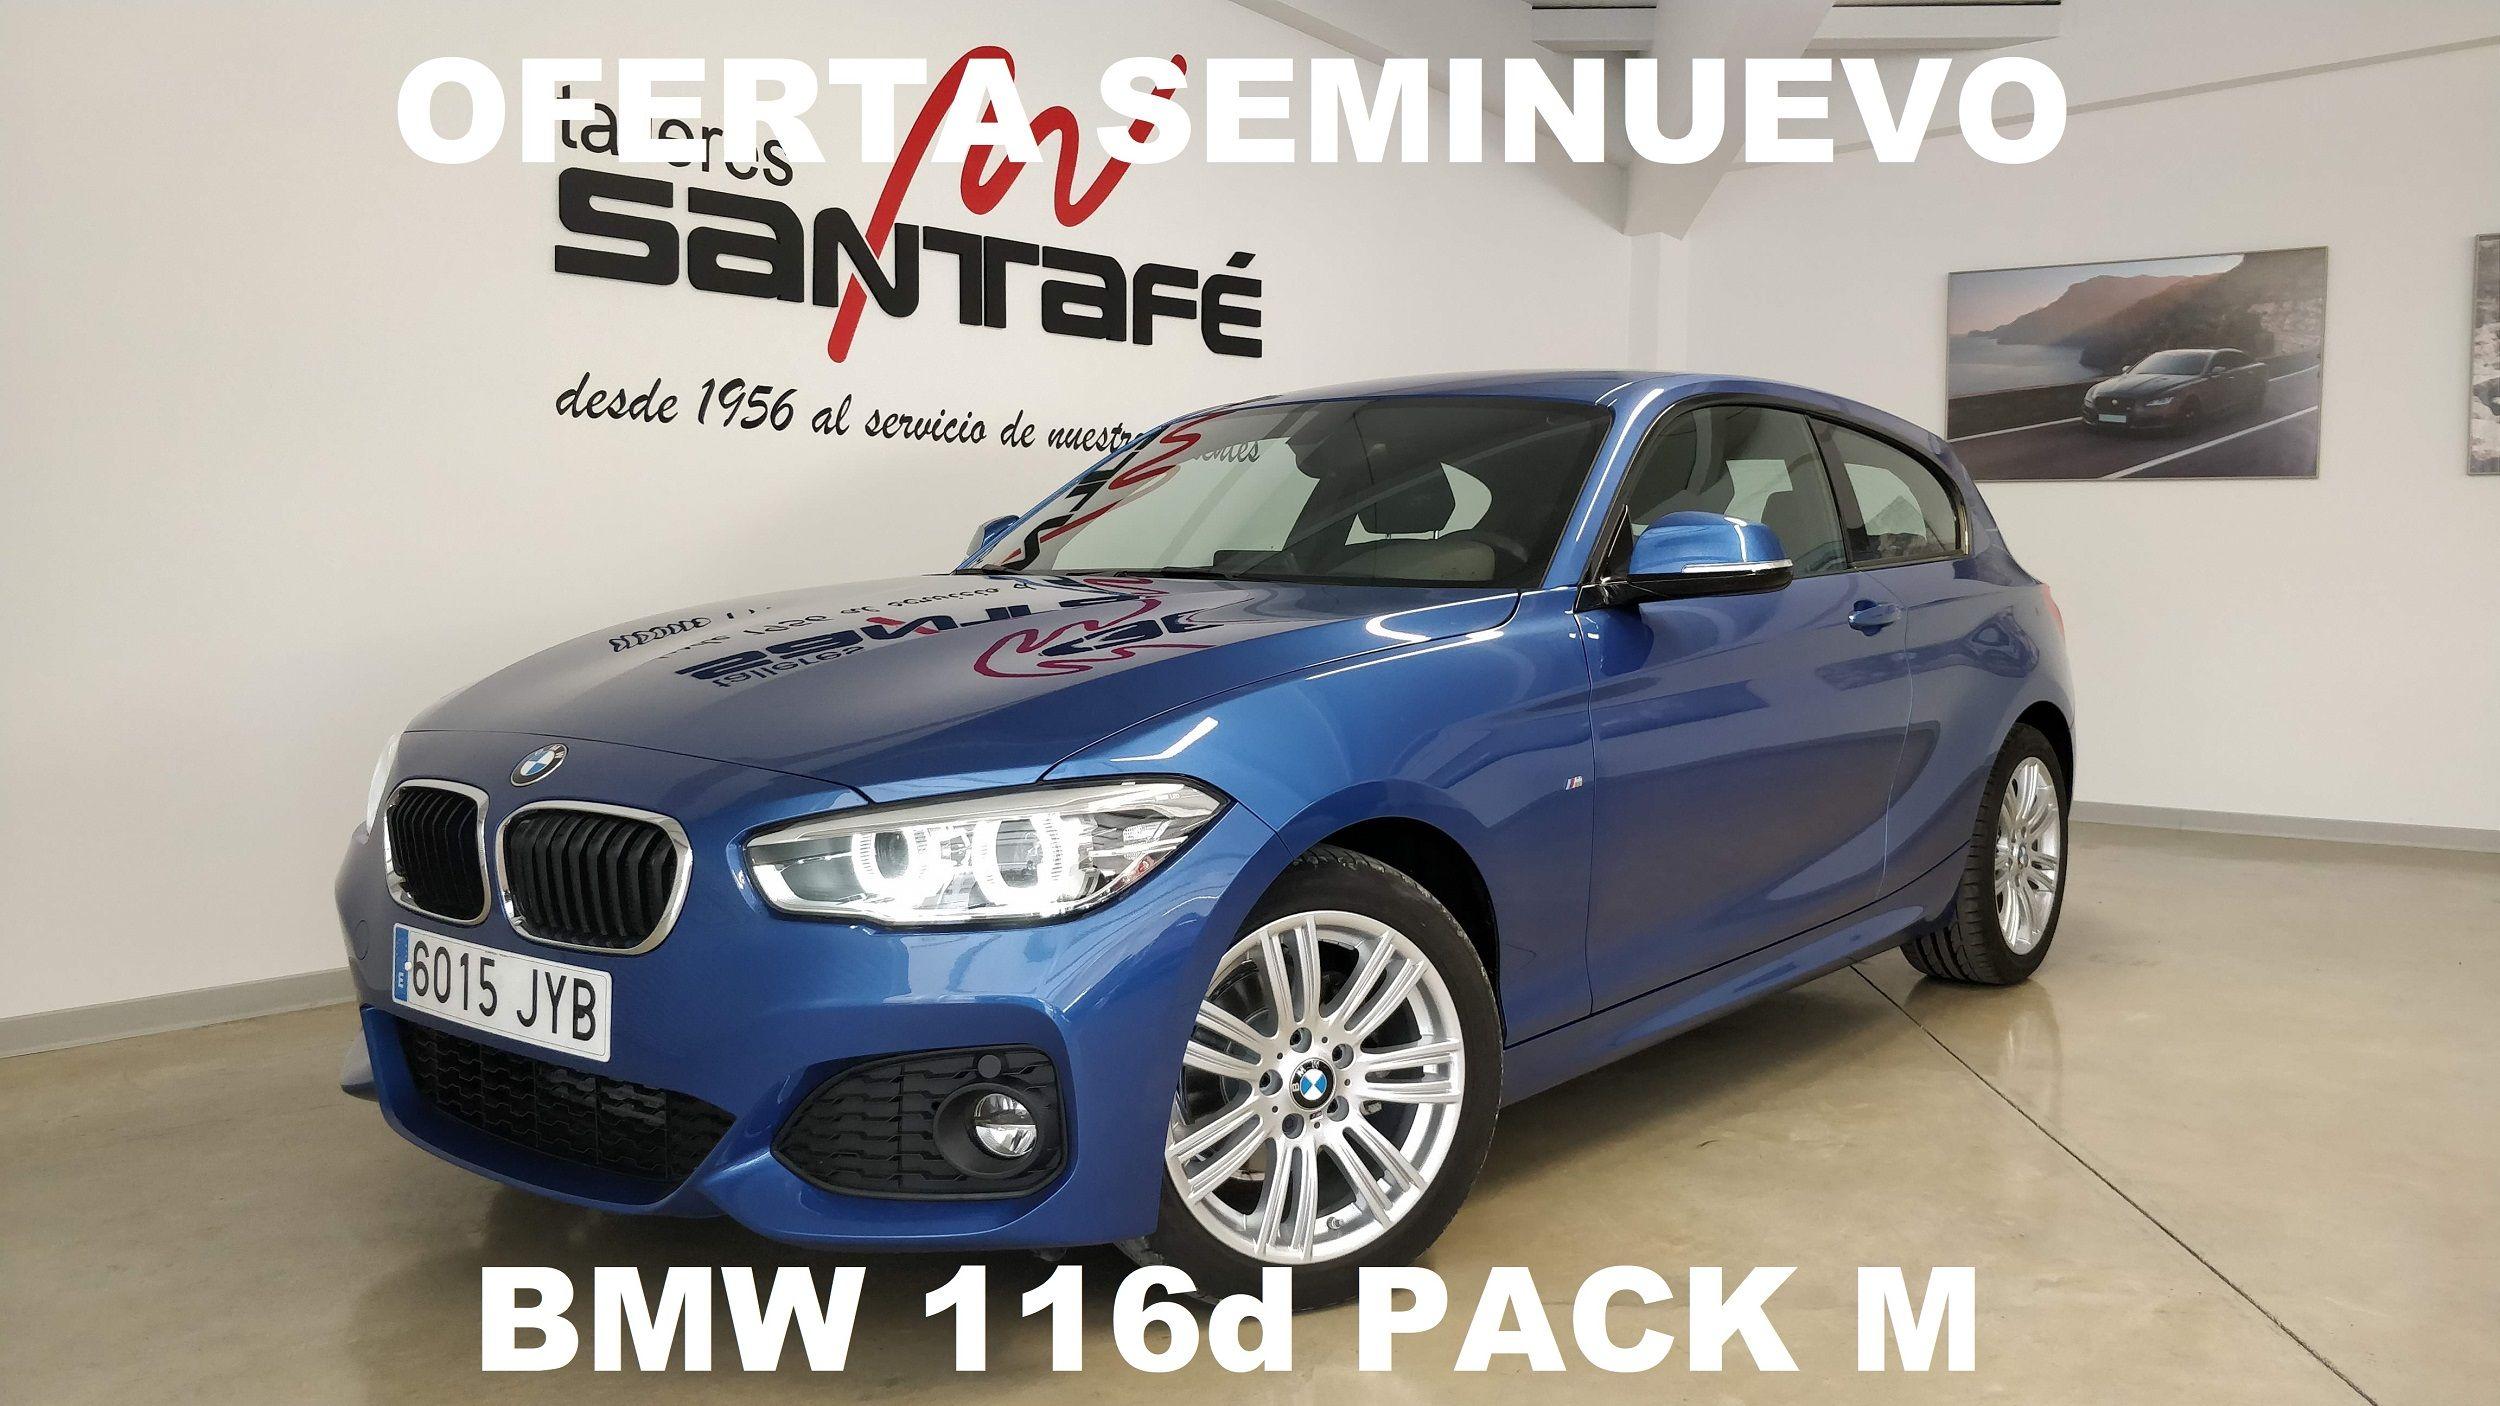 OFERTA SEMINUEVO: BMW 116d PACK M